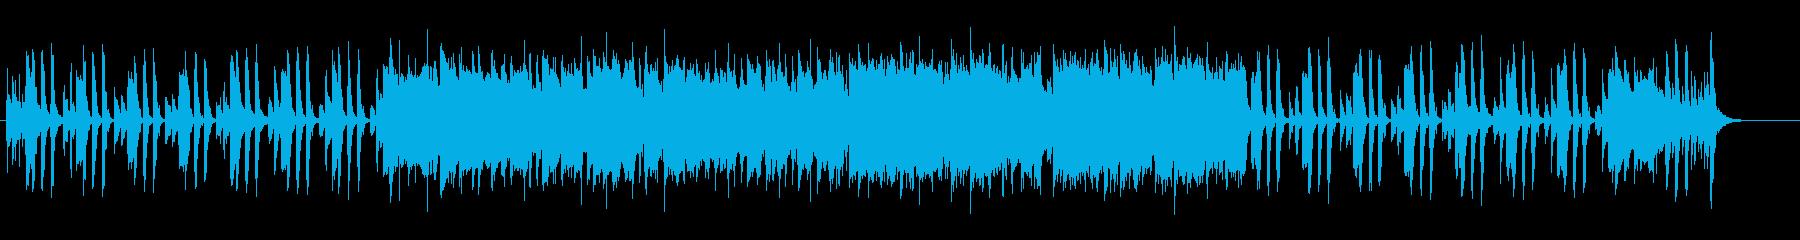 トランペットメインの軽やかな出発イメージの再生済みの波形